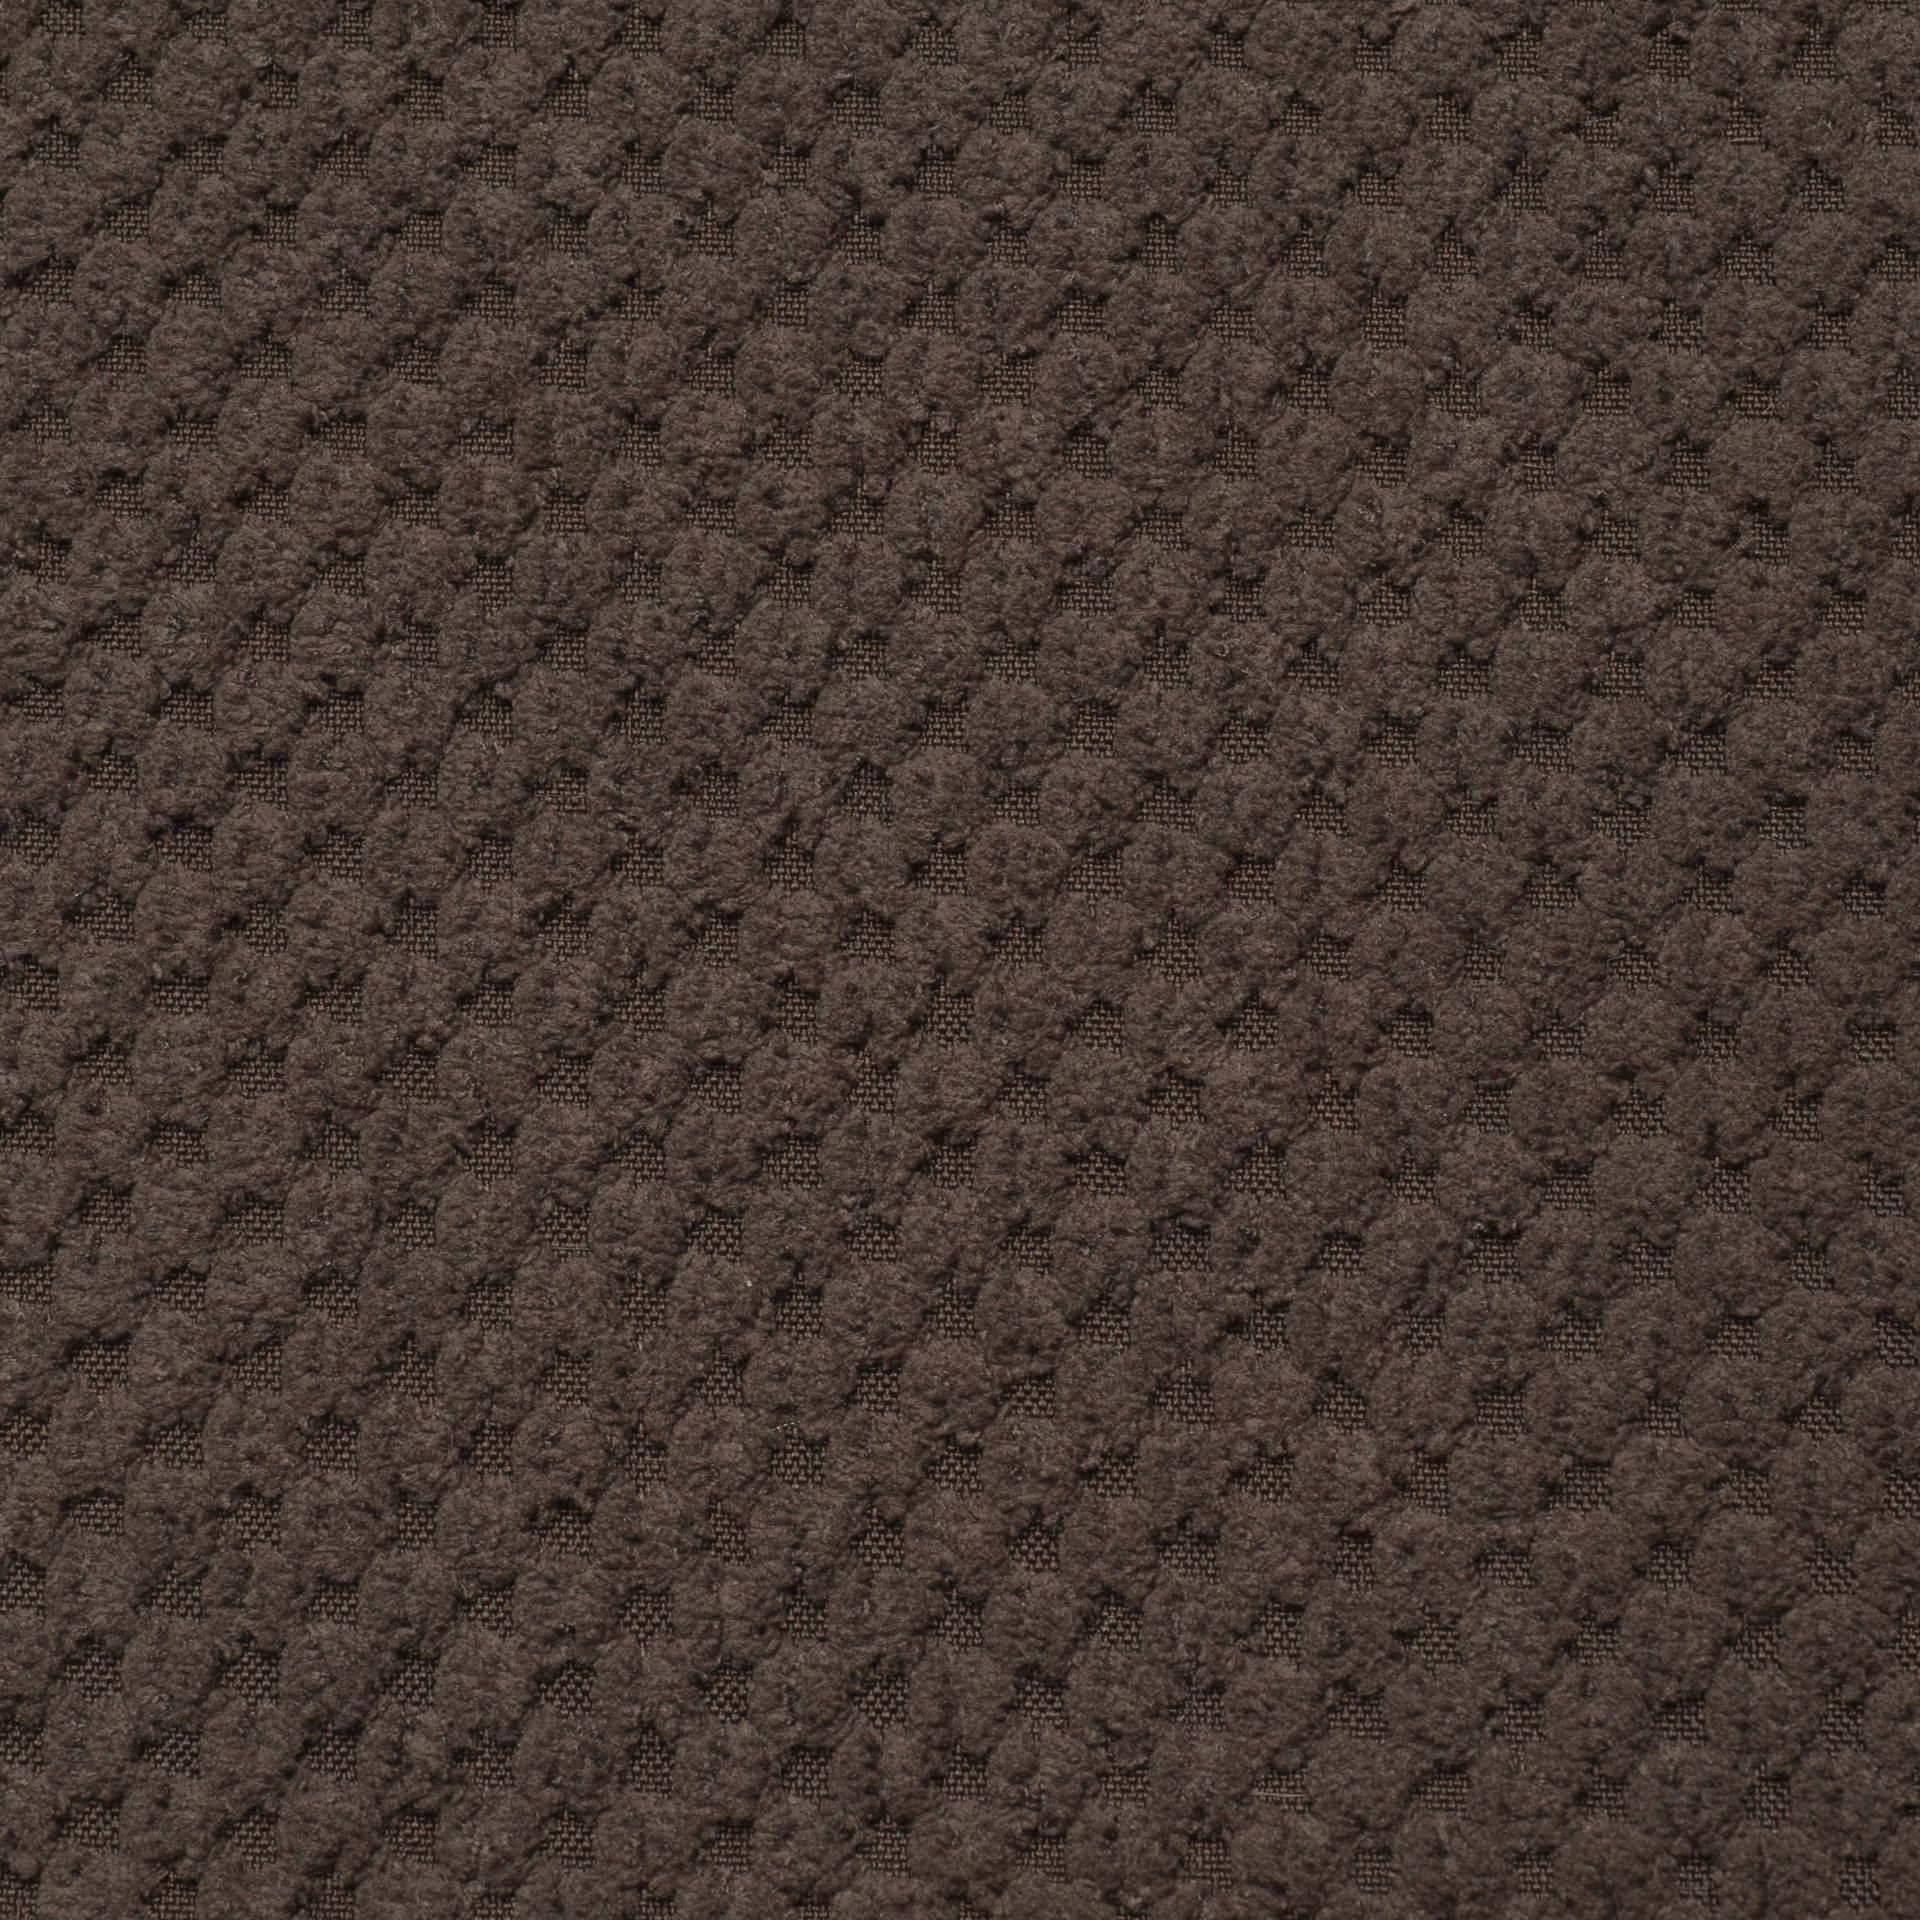 Коллекция ткани Дорис 14,  купить ткань Велюр для мебели Украина